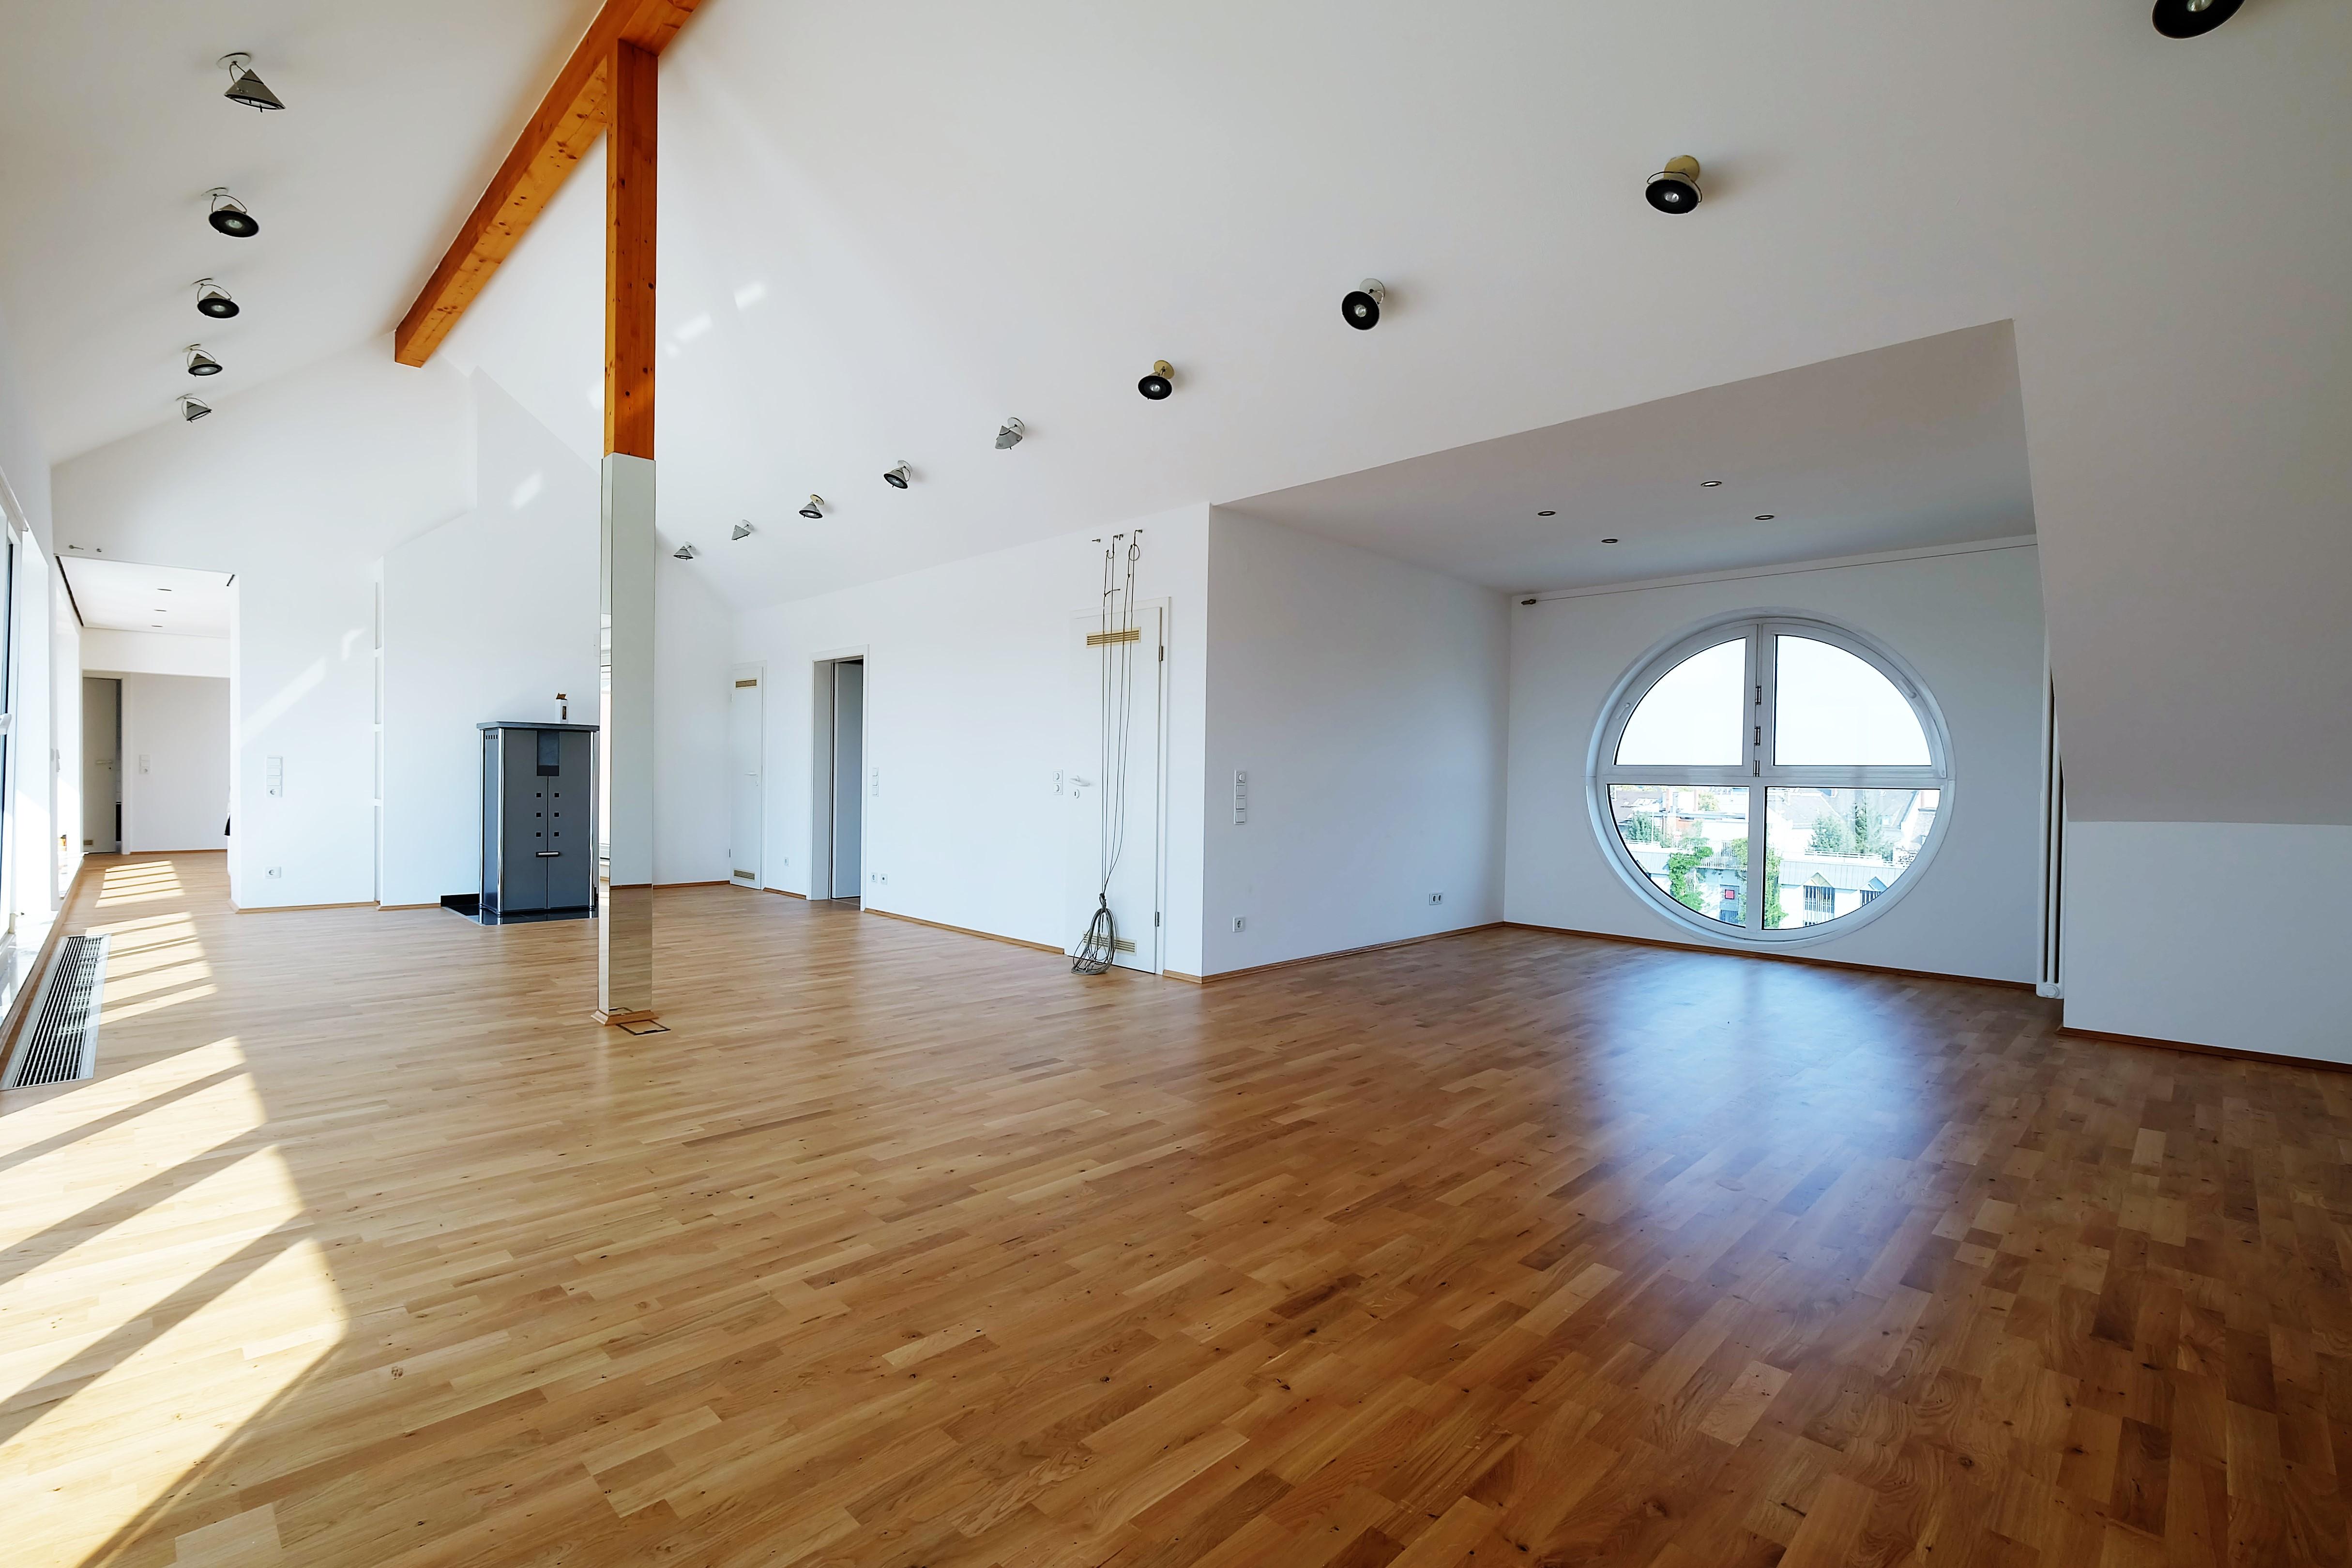 dscf2570 gano immobilien. Black Bedroom Furniture Sets. Home Design Ideas